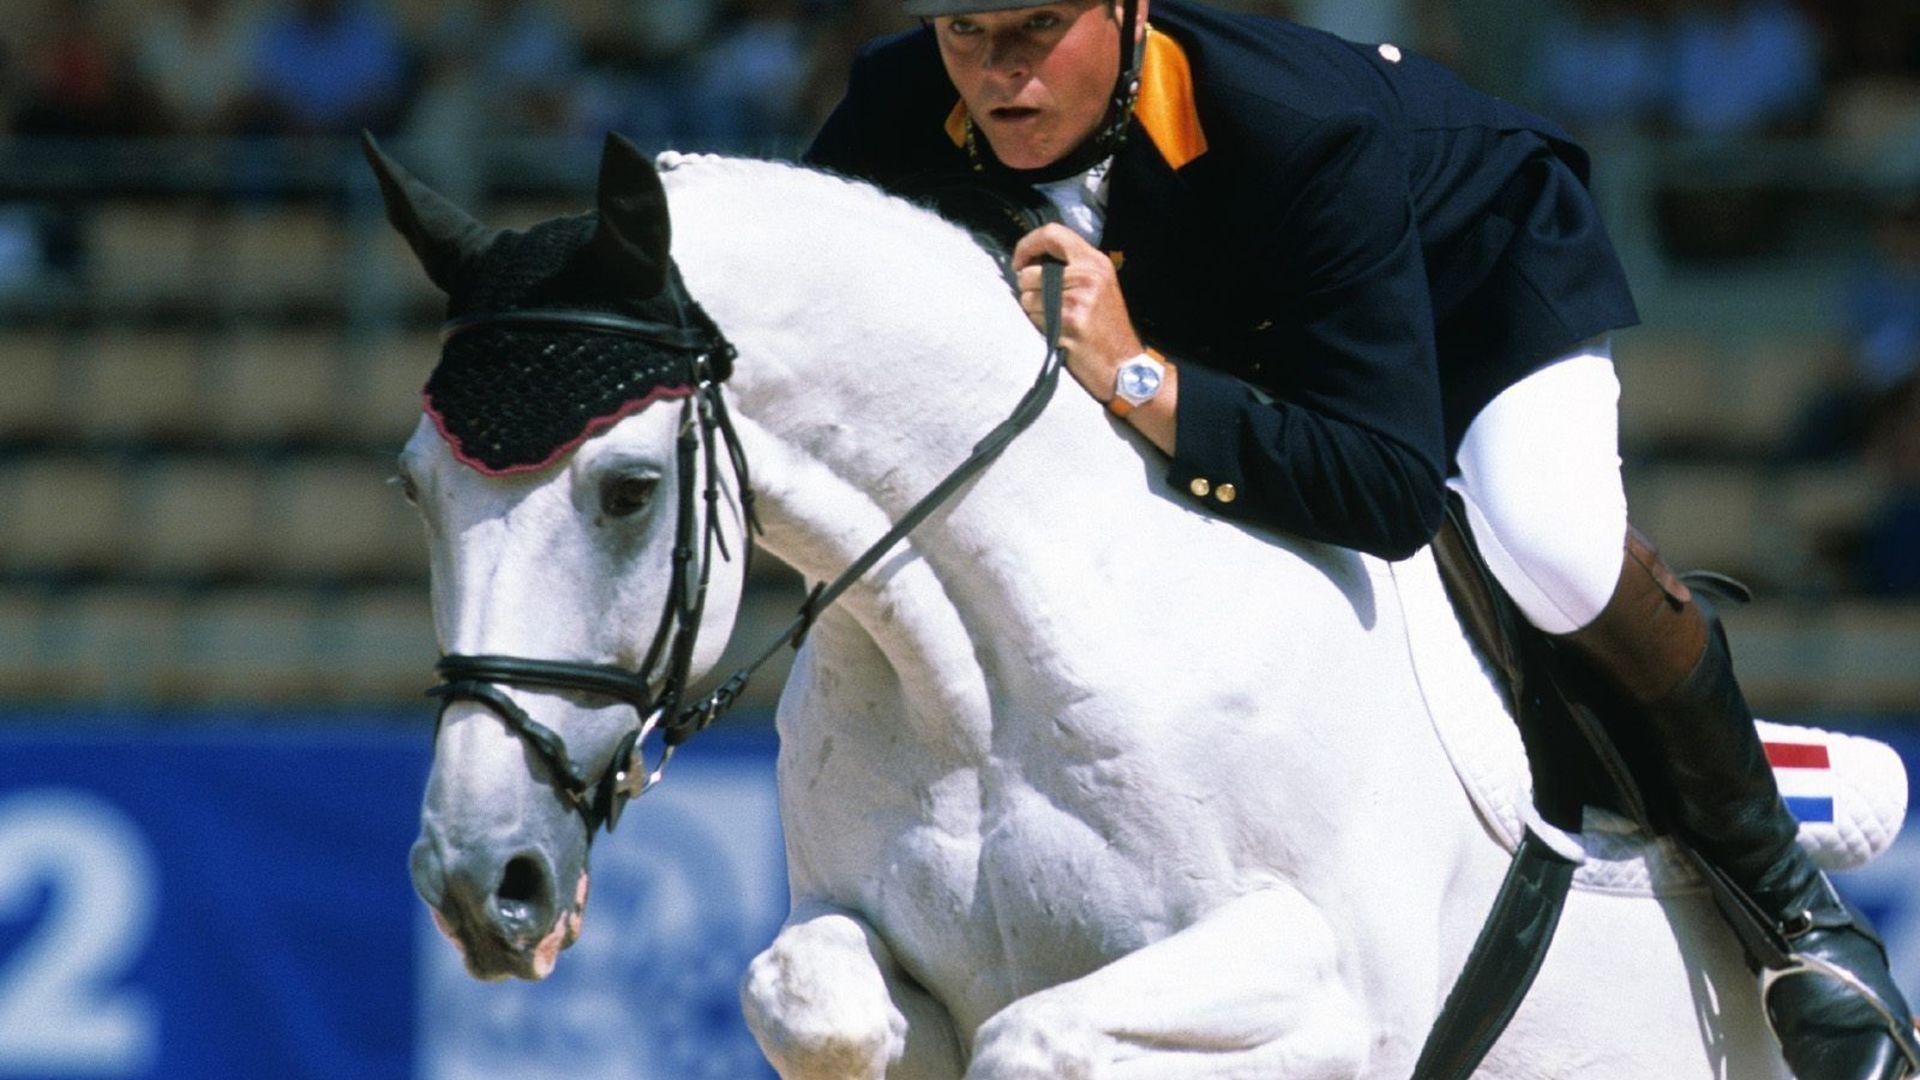 Equestrian 1920x1080 wallpaper